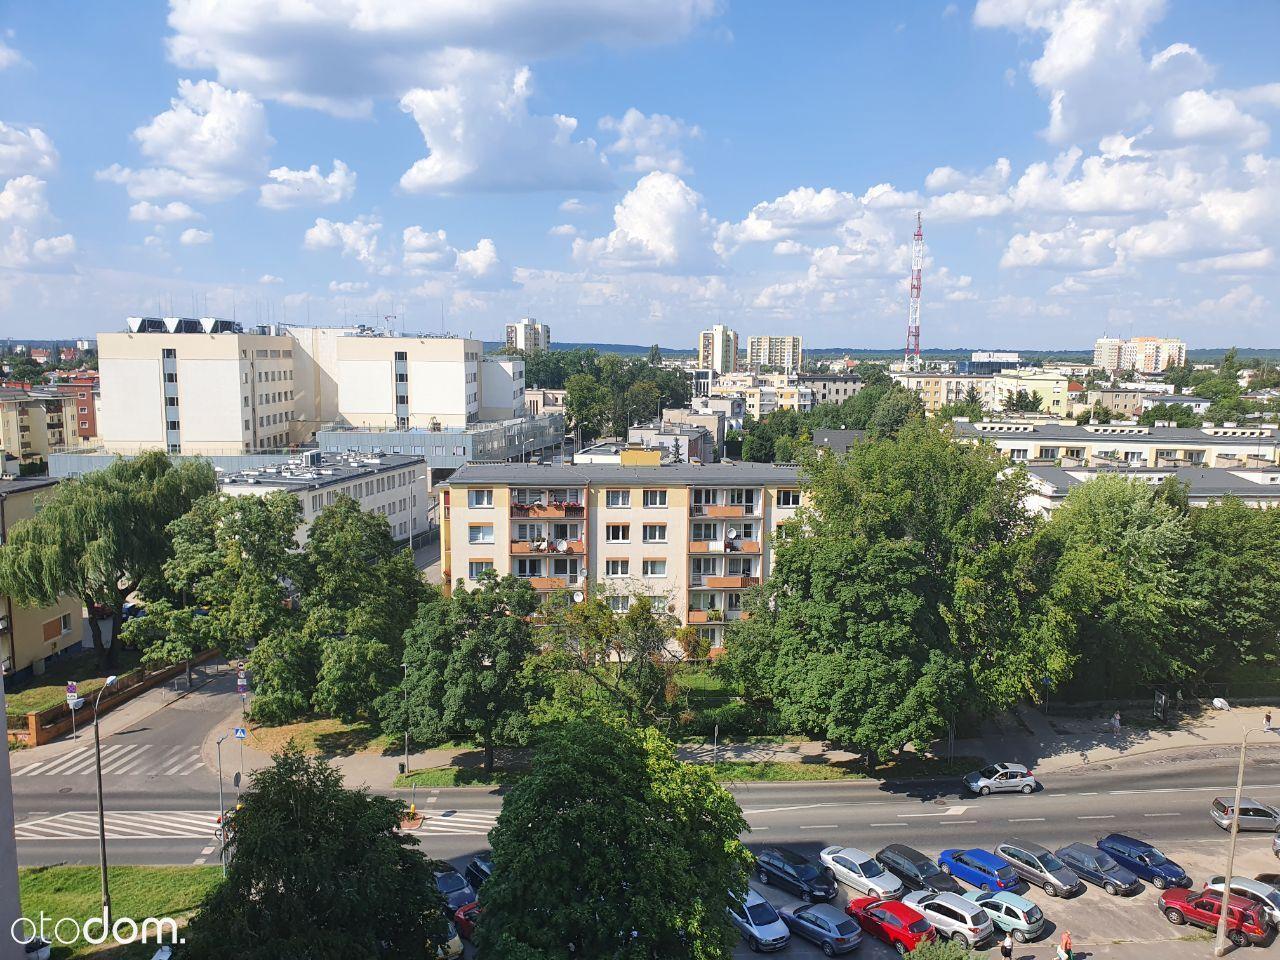 Bielawy, 3 pokoje, balkon 275tys